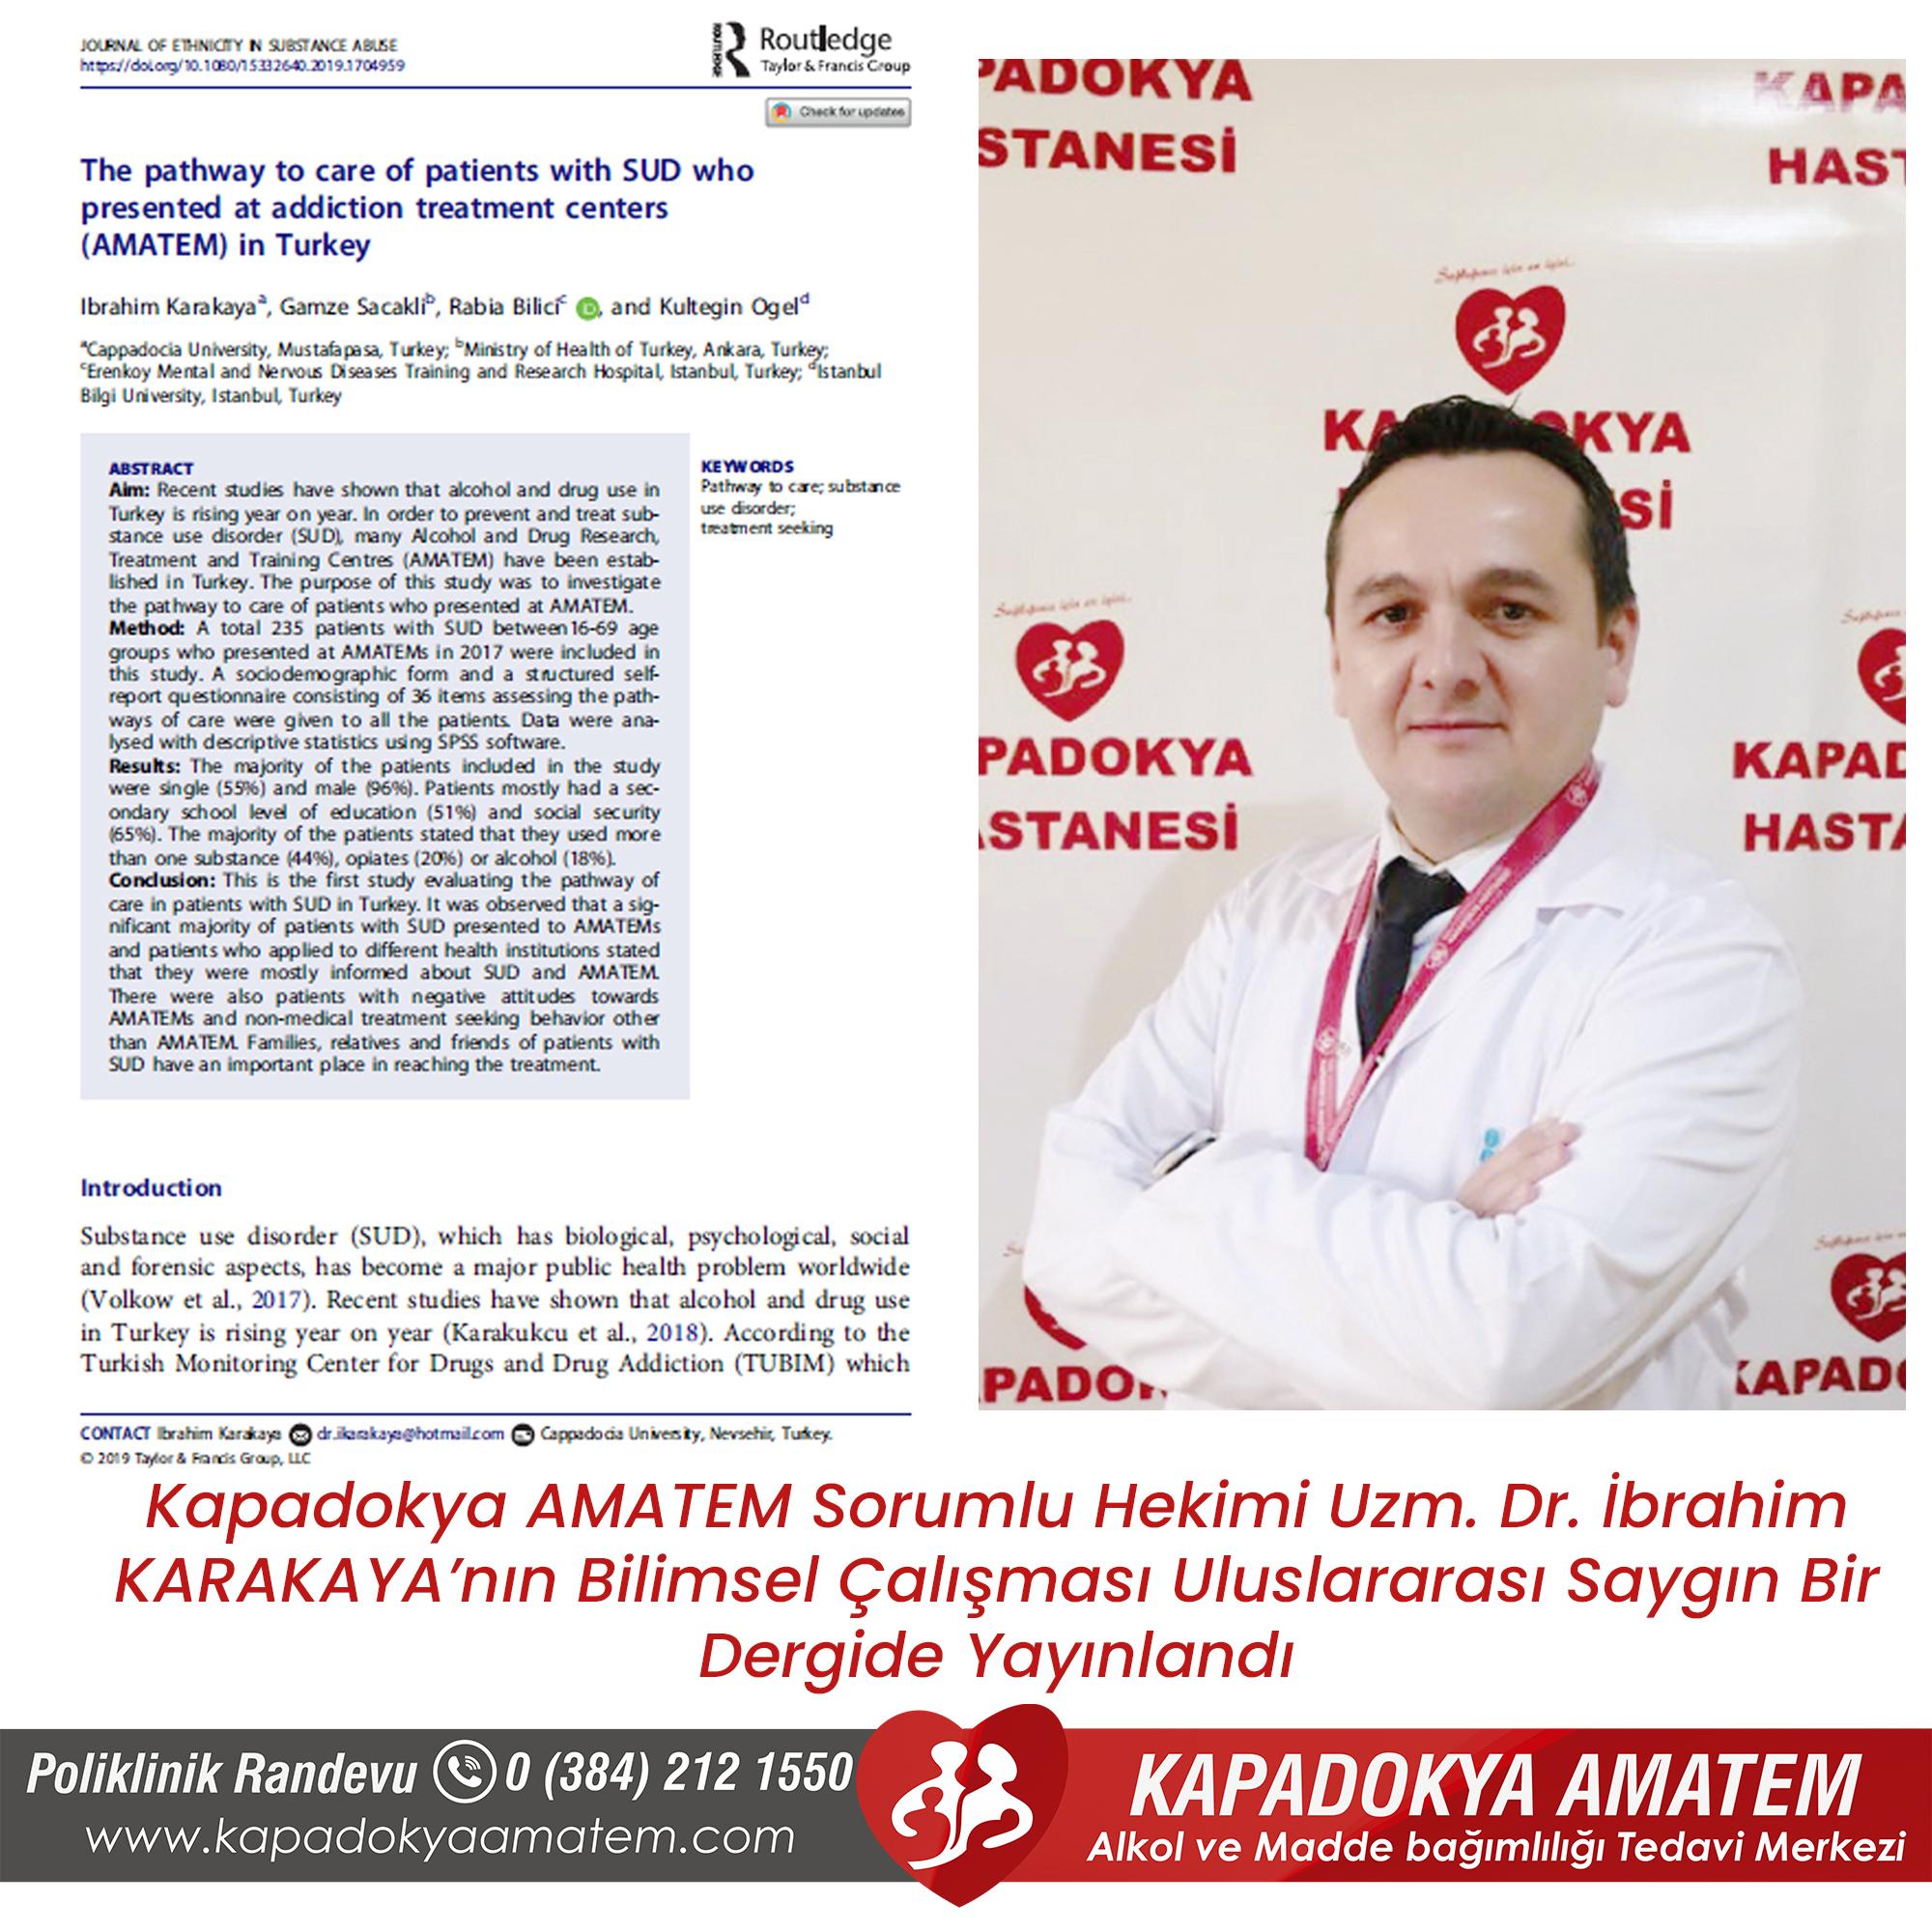 Kapadokya AMATEM Sorumlu Hekimi Uzm. Dr. İbrahim KARAKAYA'nın Bilimsel Çalışması Uluslararası Saygın Bir Dergide Yayınlandı